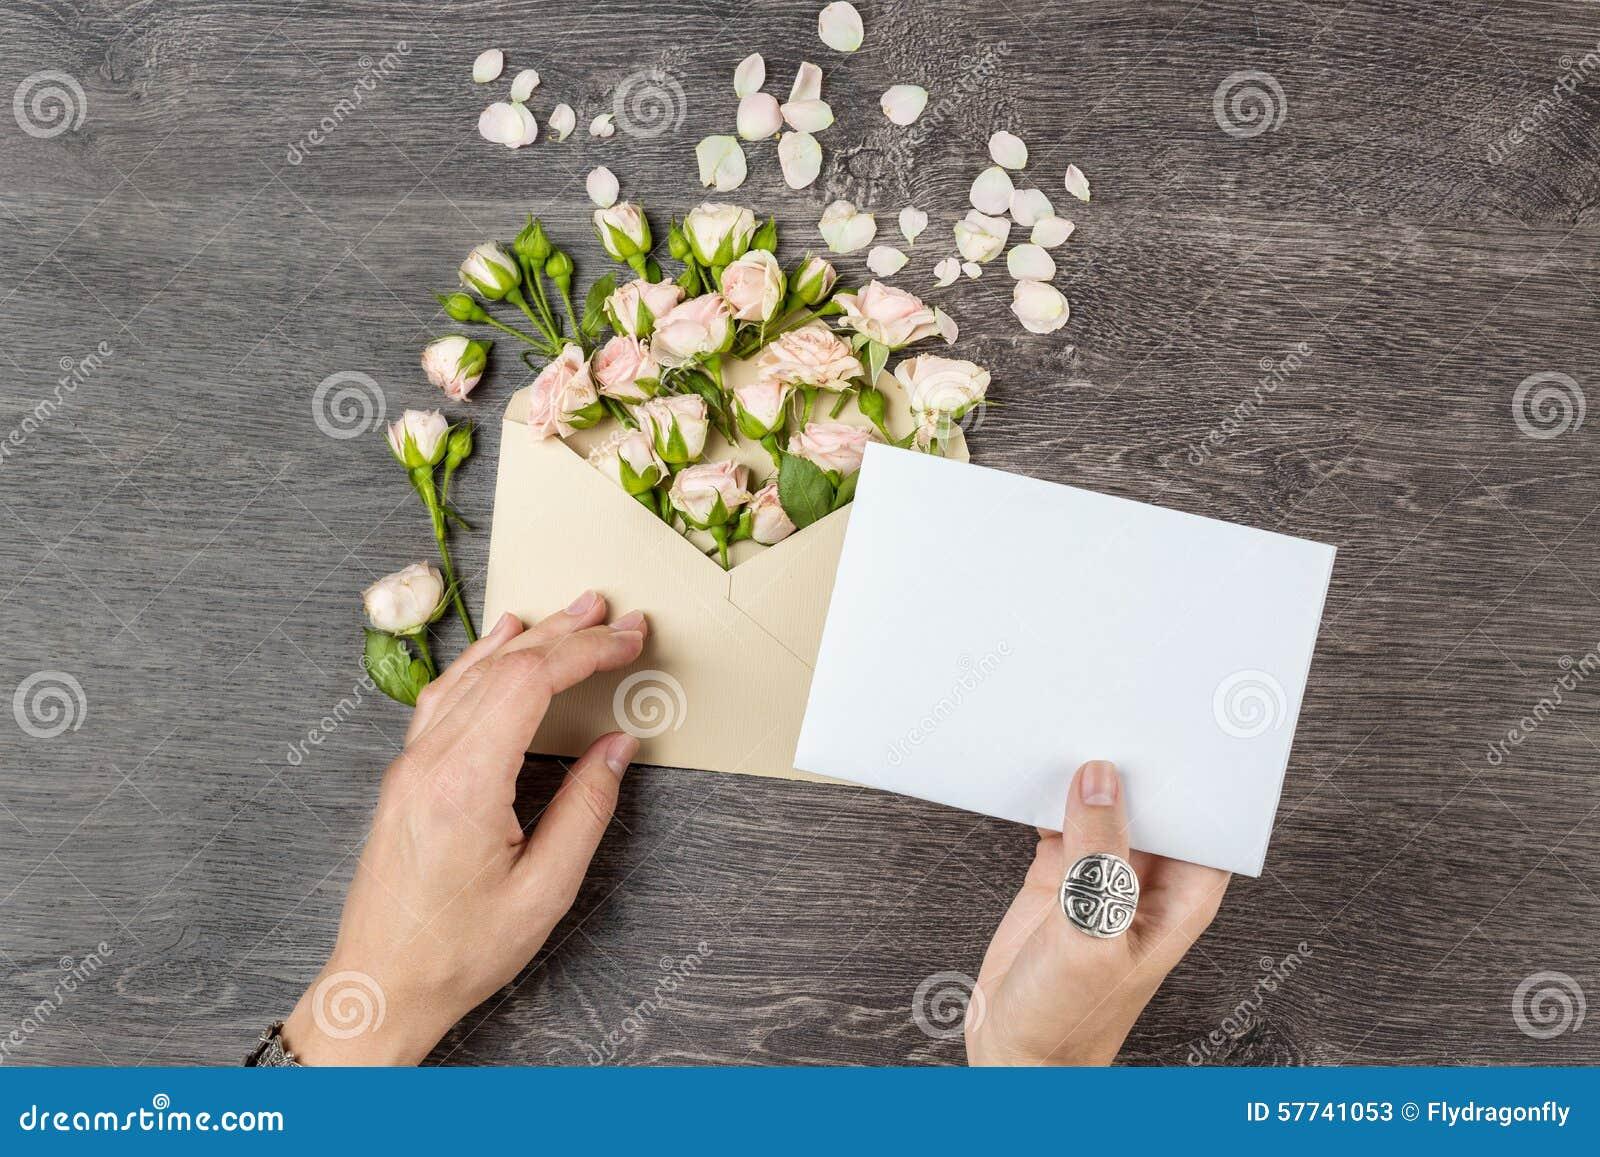 Love Letter Wedding Invitations Stock Image Image Of Nostalgic